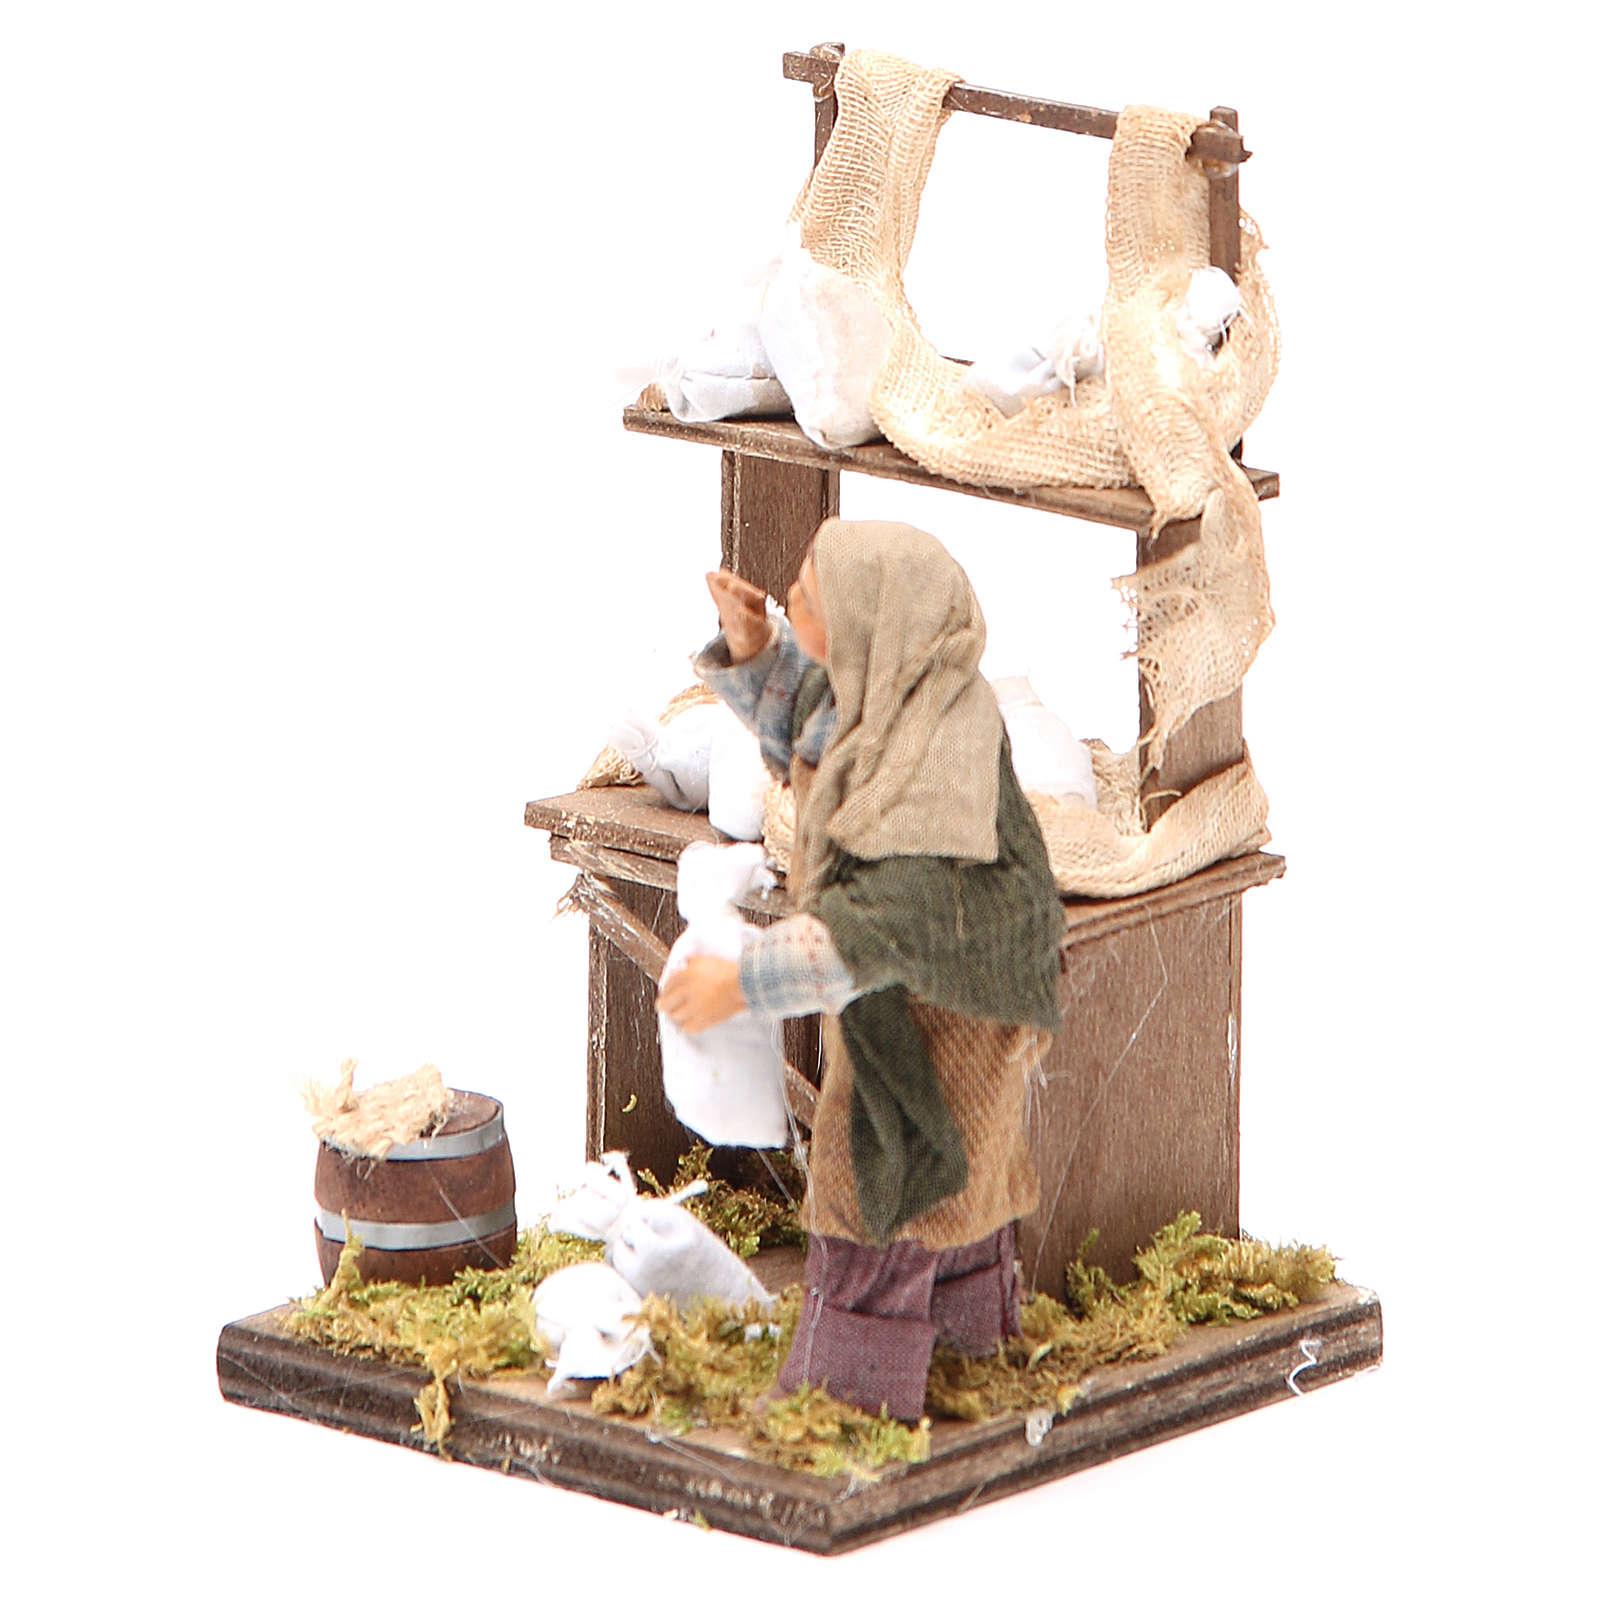 Venditore sacchi di farina con banco 10 cm presepe Napoli 4